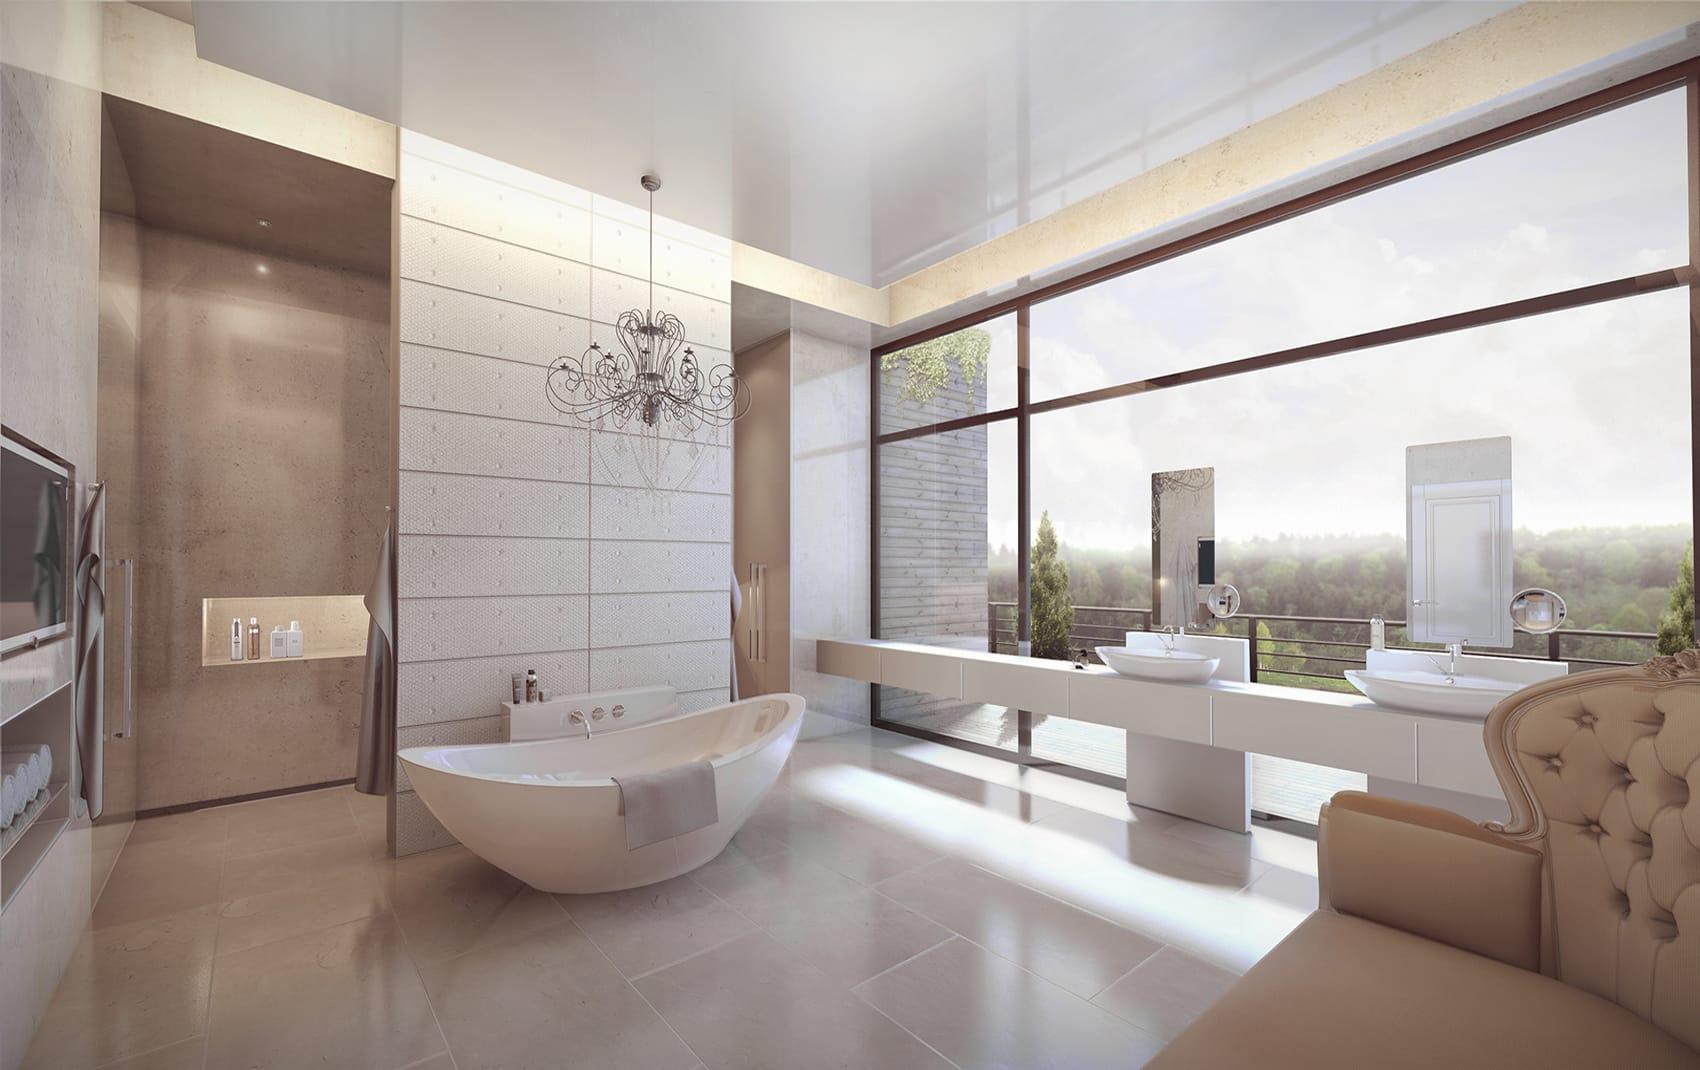 small luxury bathroom ideas